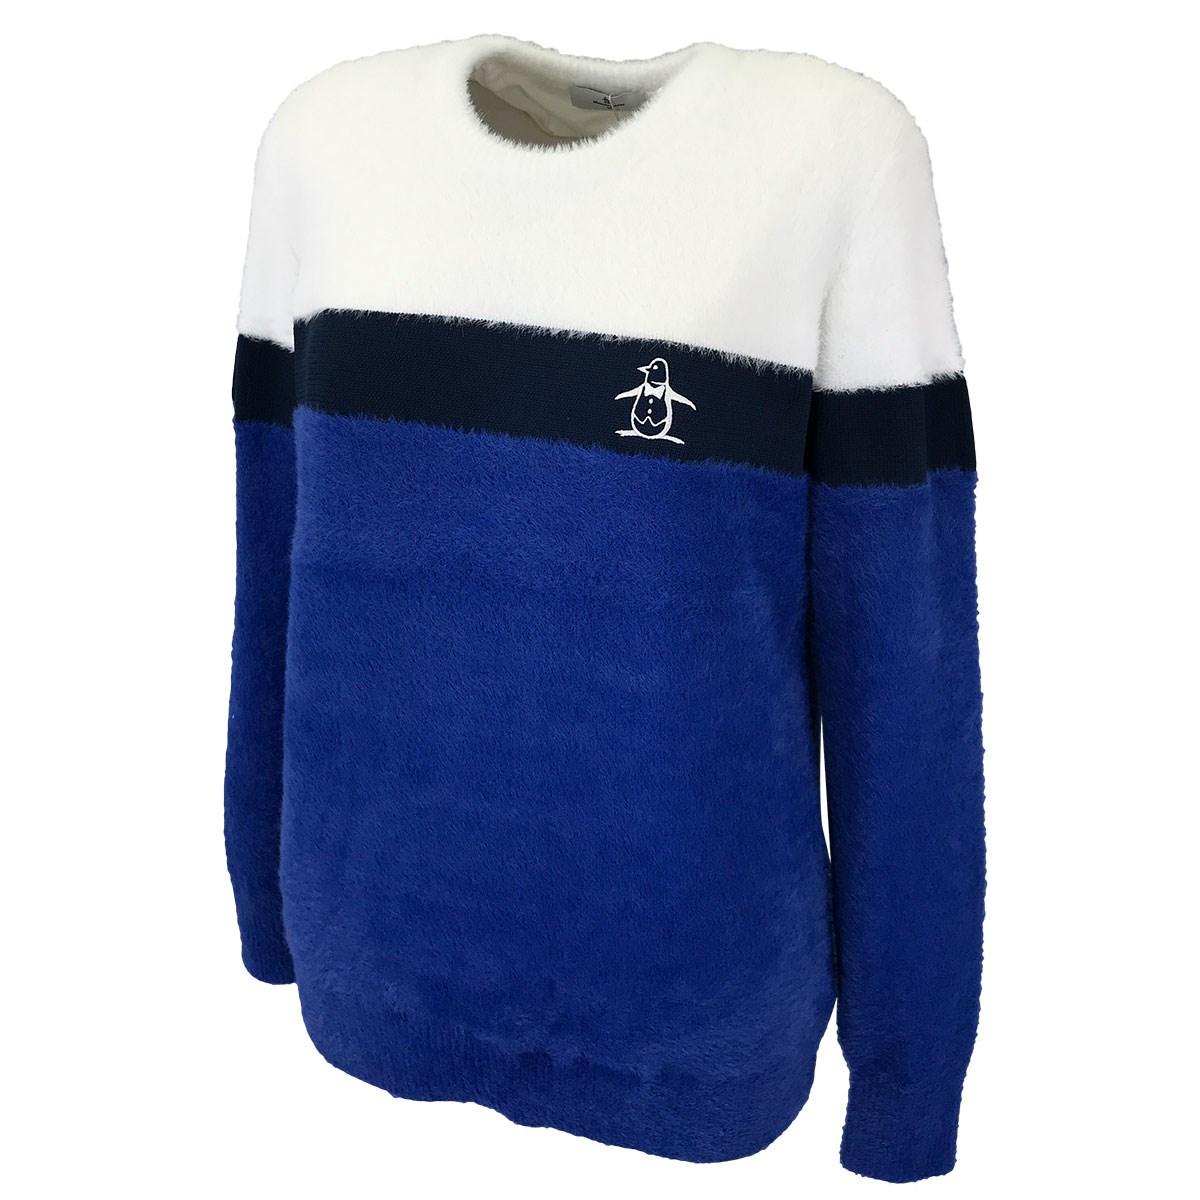 マンシングウェア Munsingwear ブークレー×梳毛裏地付きセーター M ブルー 00 レディス